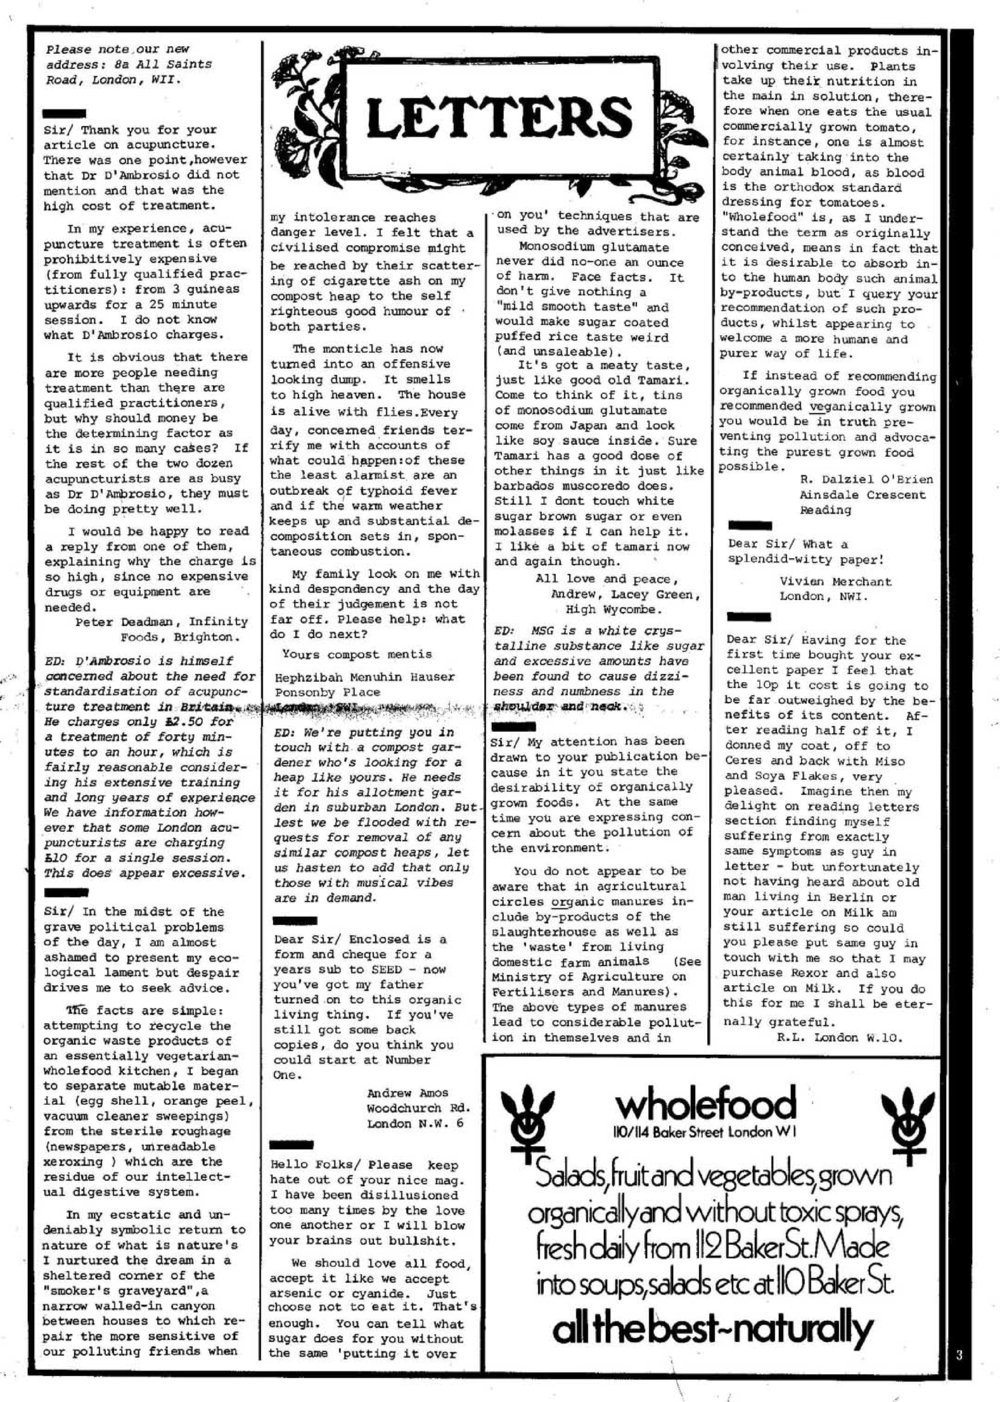 seed-v1-n5-sept1972-03.jpg